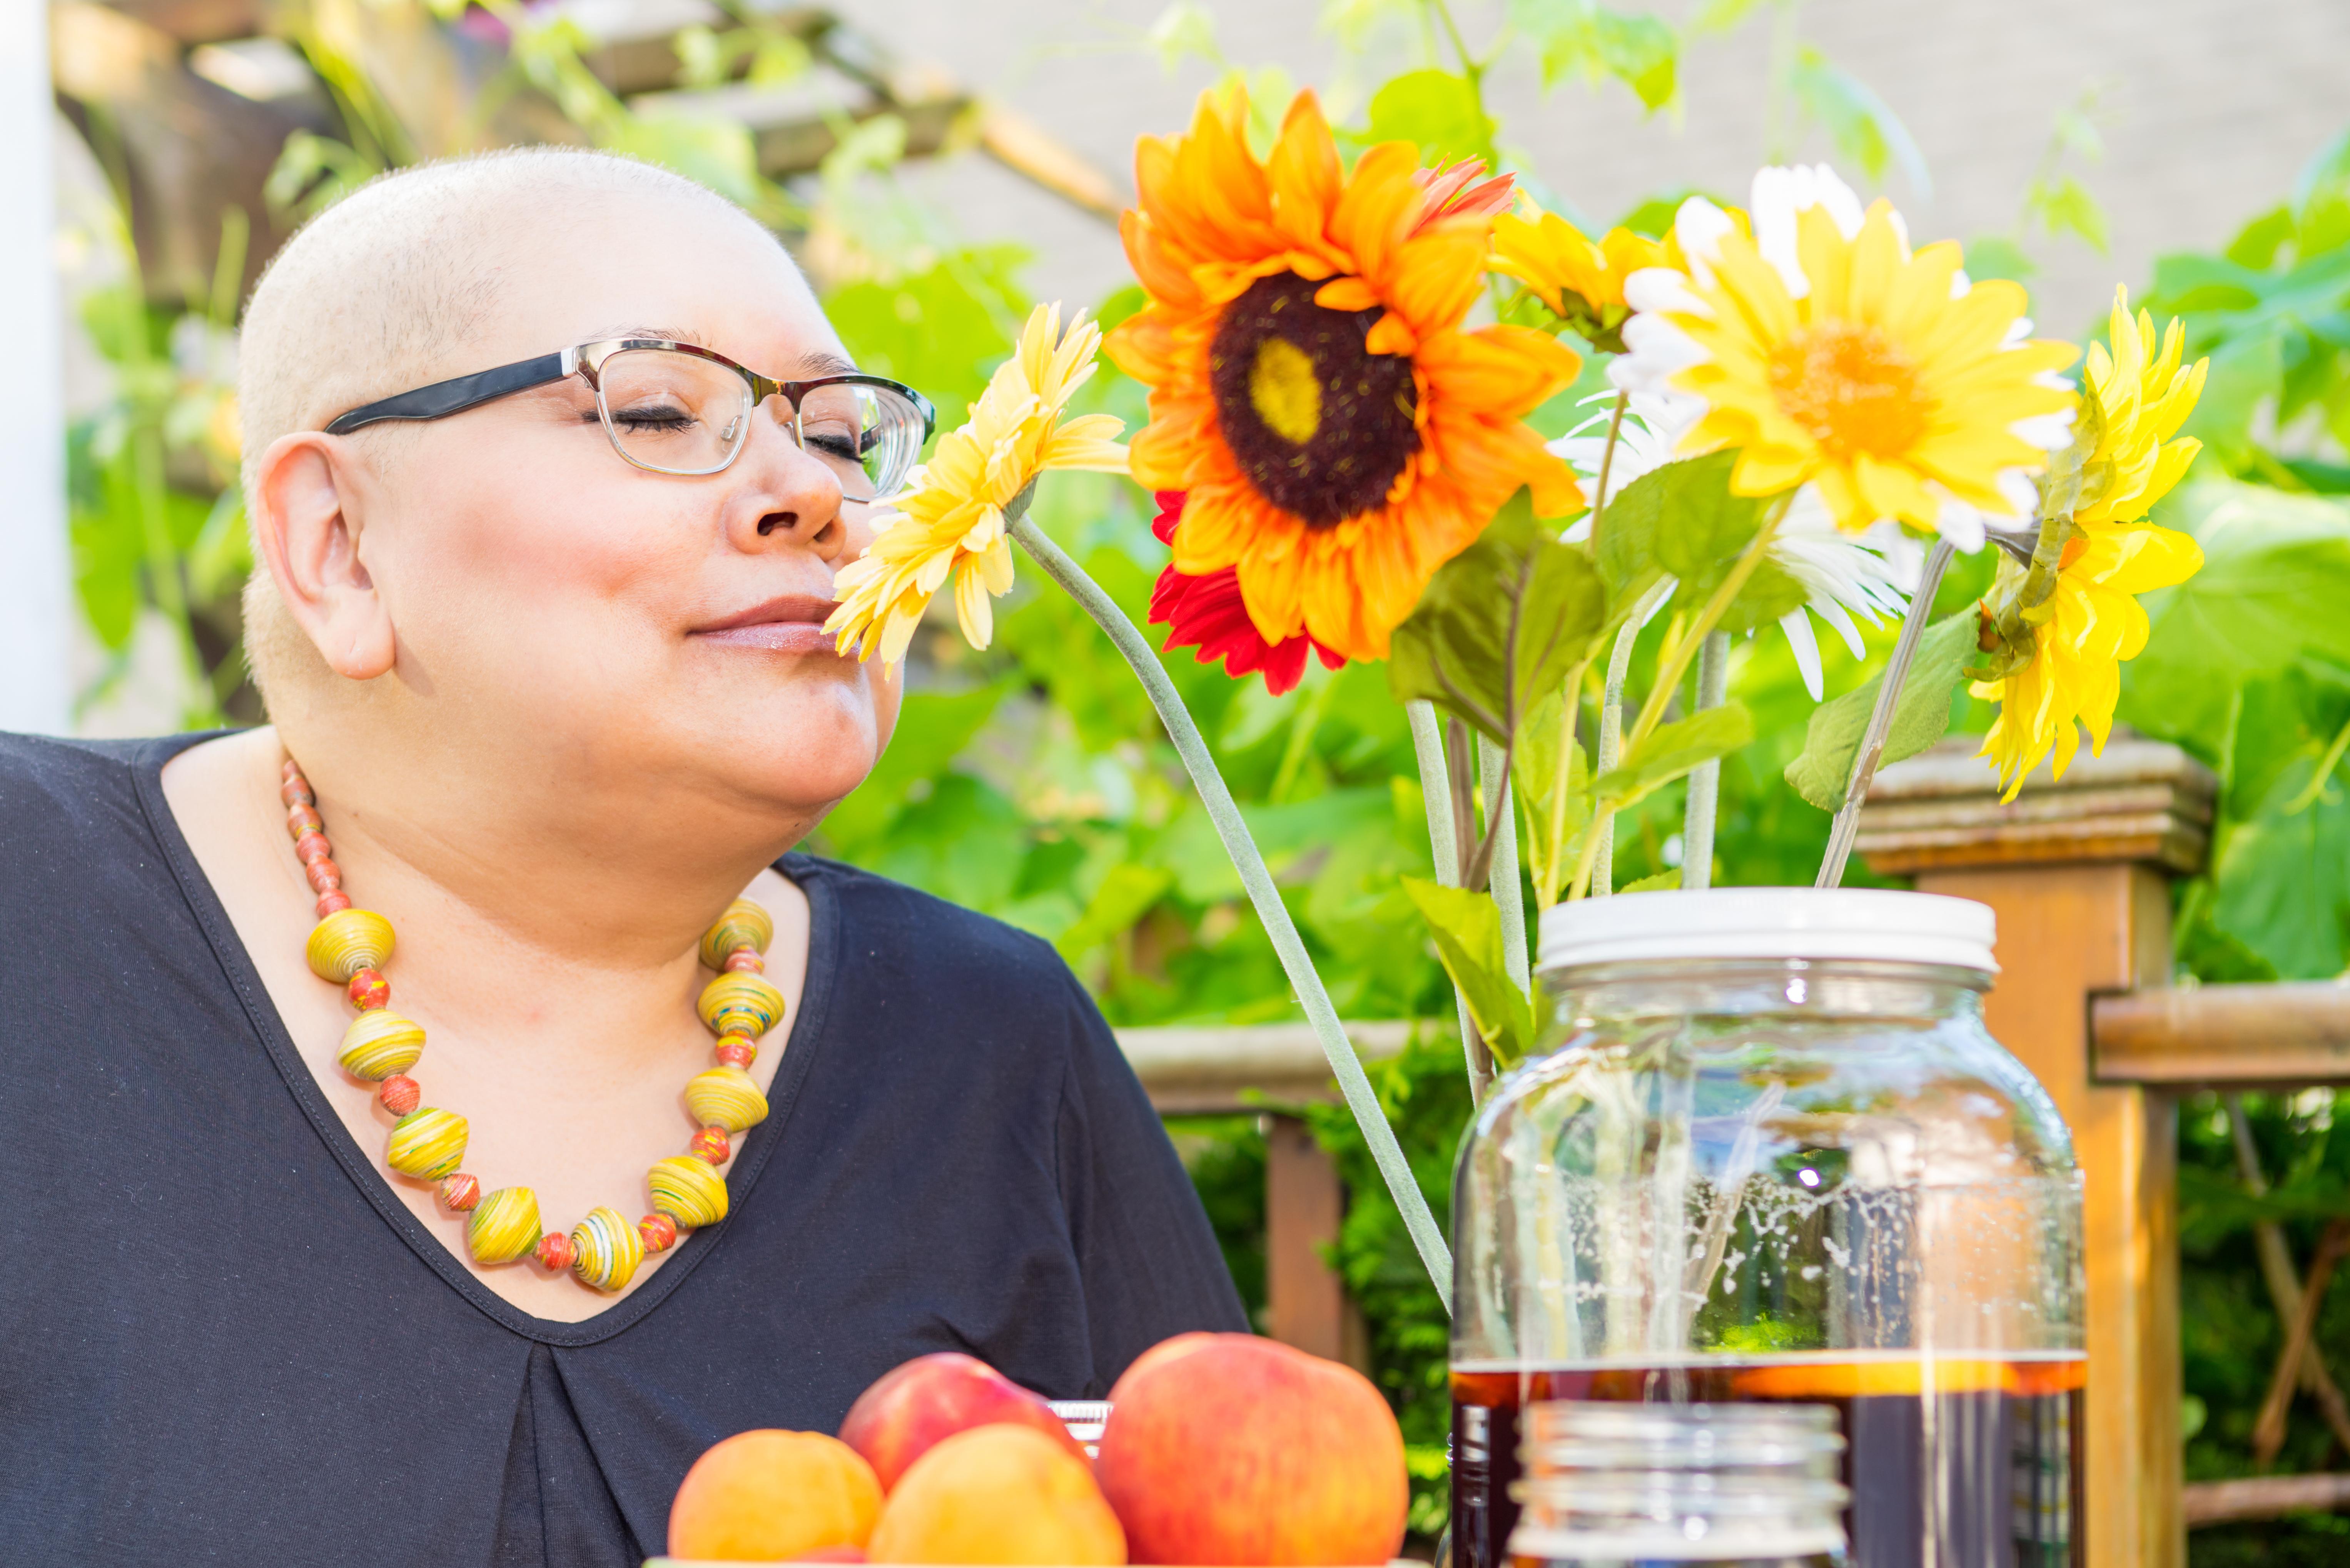 Det är inte ovanligt att cancertumören påverkar aptiten negativt och att upplevelsen av såväl smak som lukt förändras.